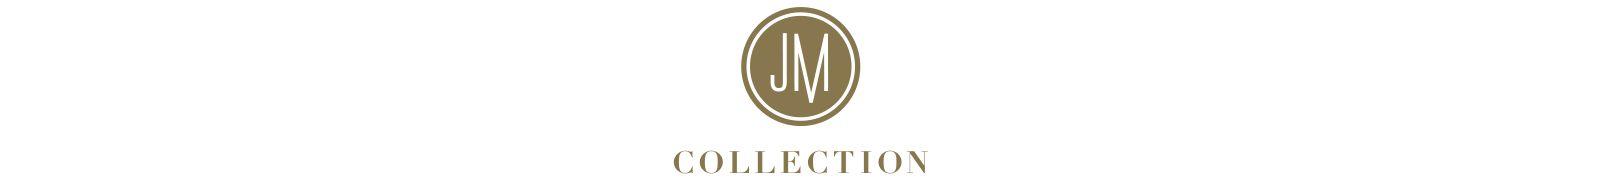 Jm, Collection